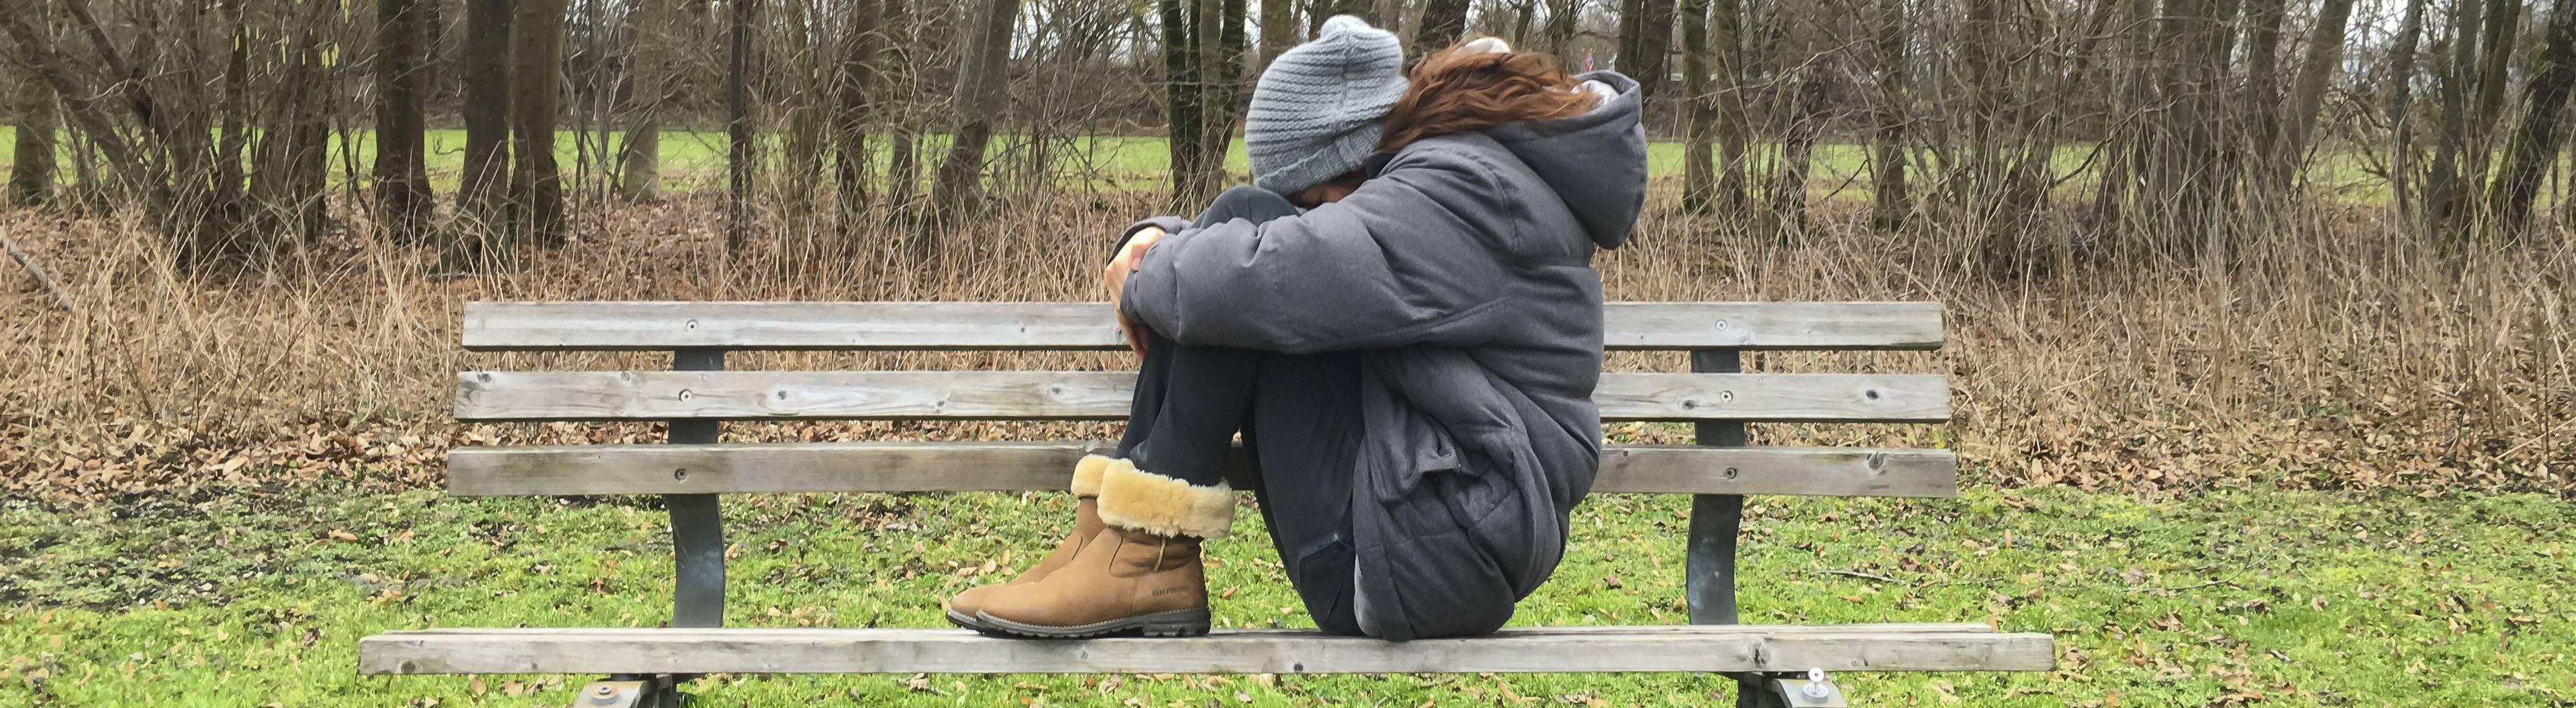 Frau sitzt auf einer Bank, die Hände um die Knie geschlungen. Im Hintergrund kahle Bäume